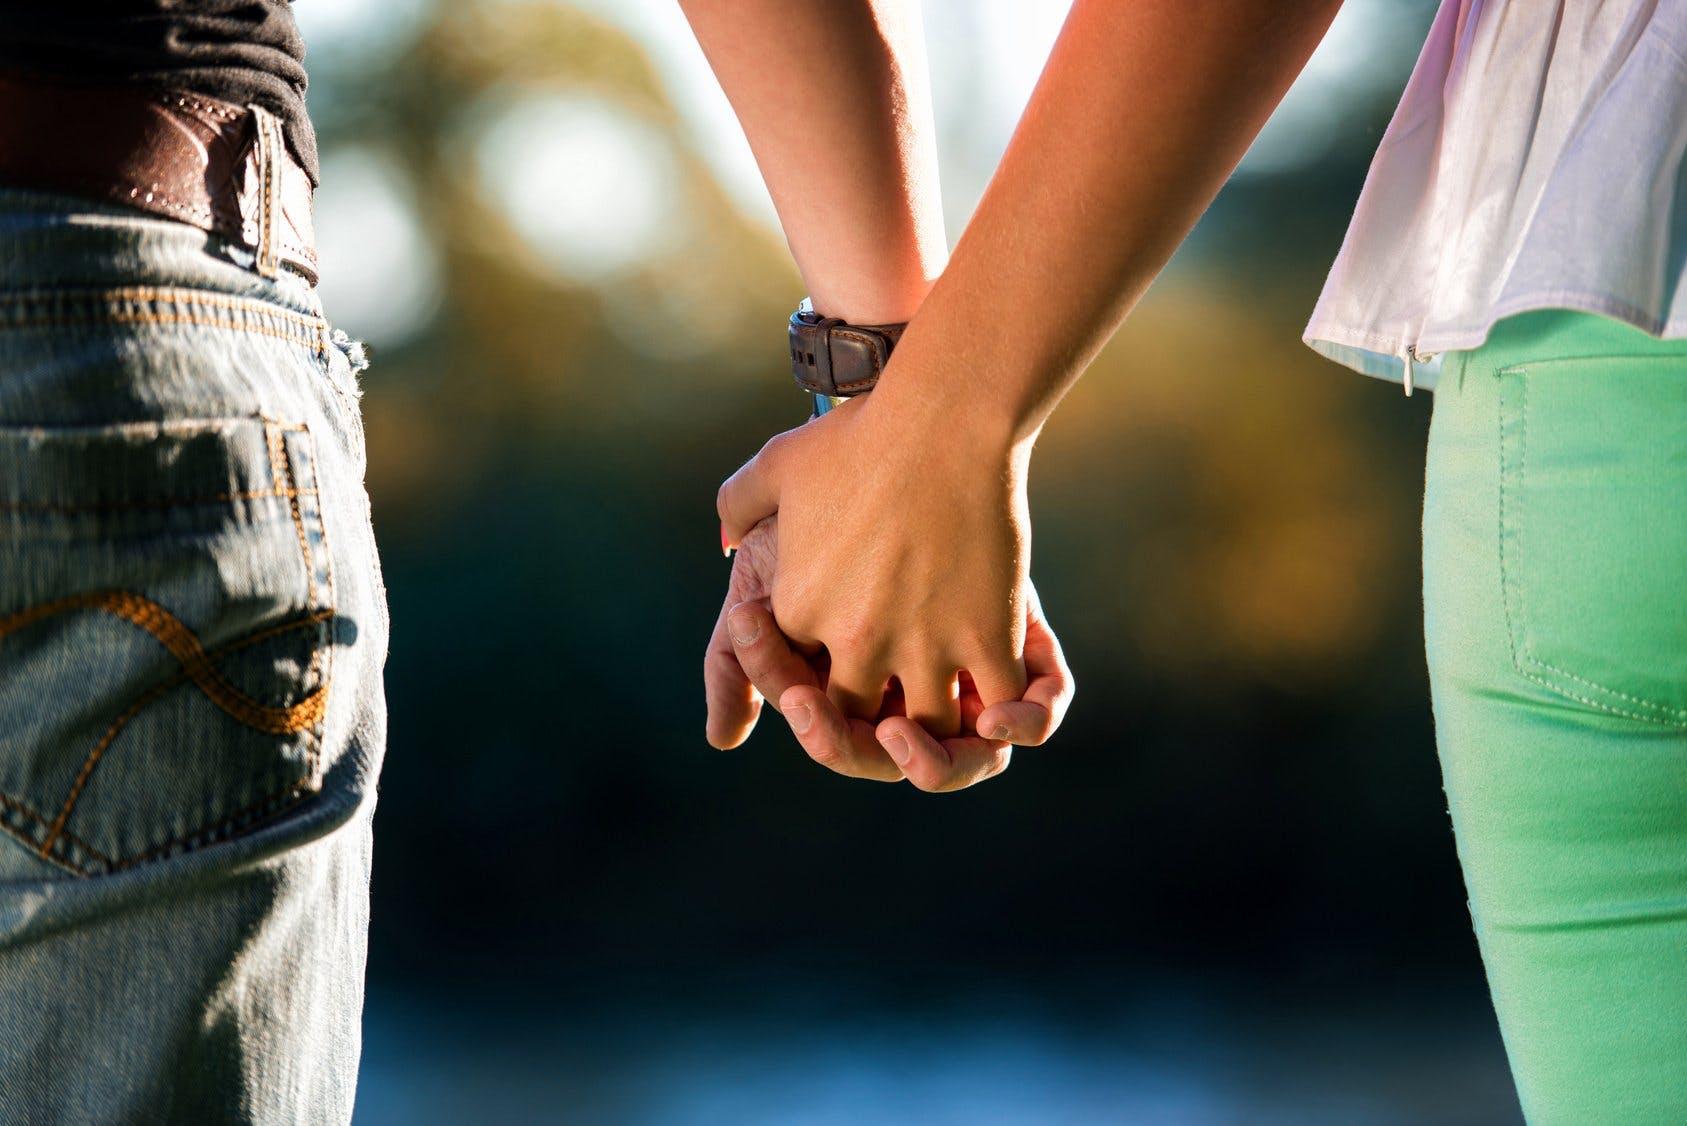 Imikhwa Relationship